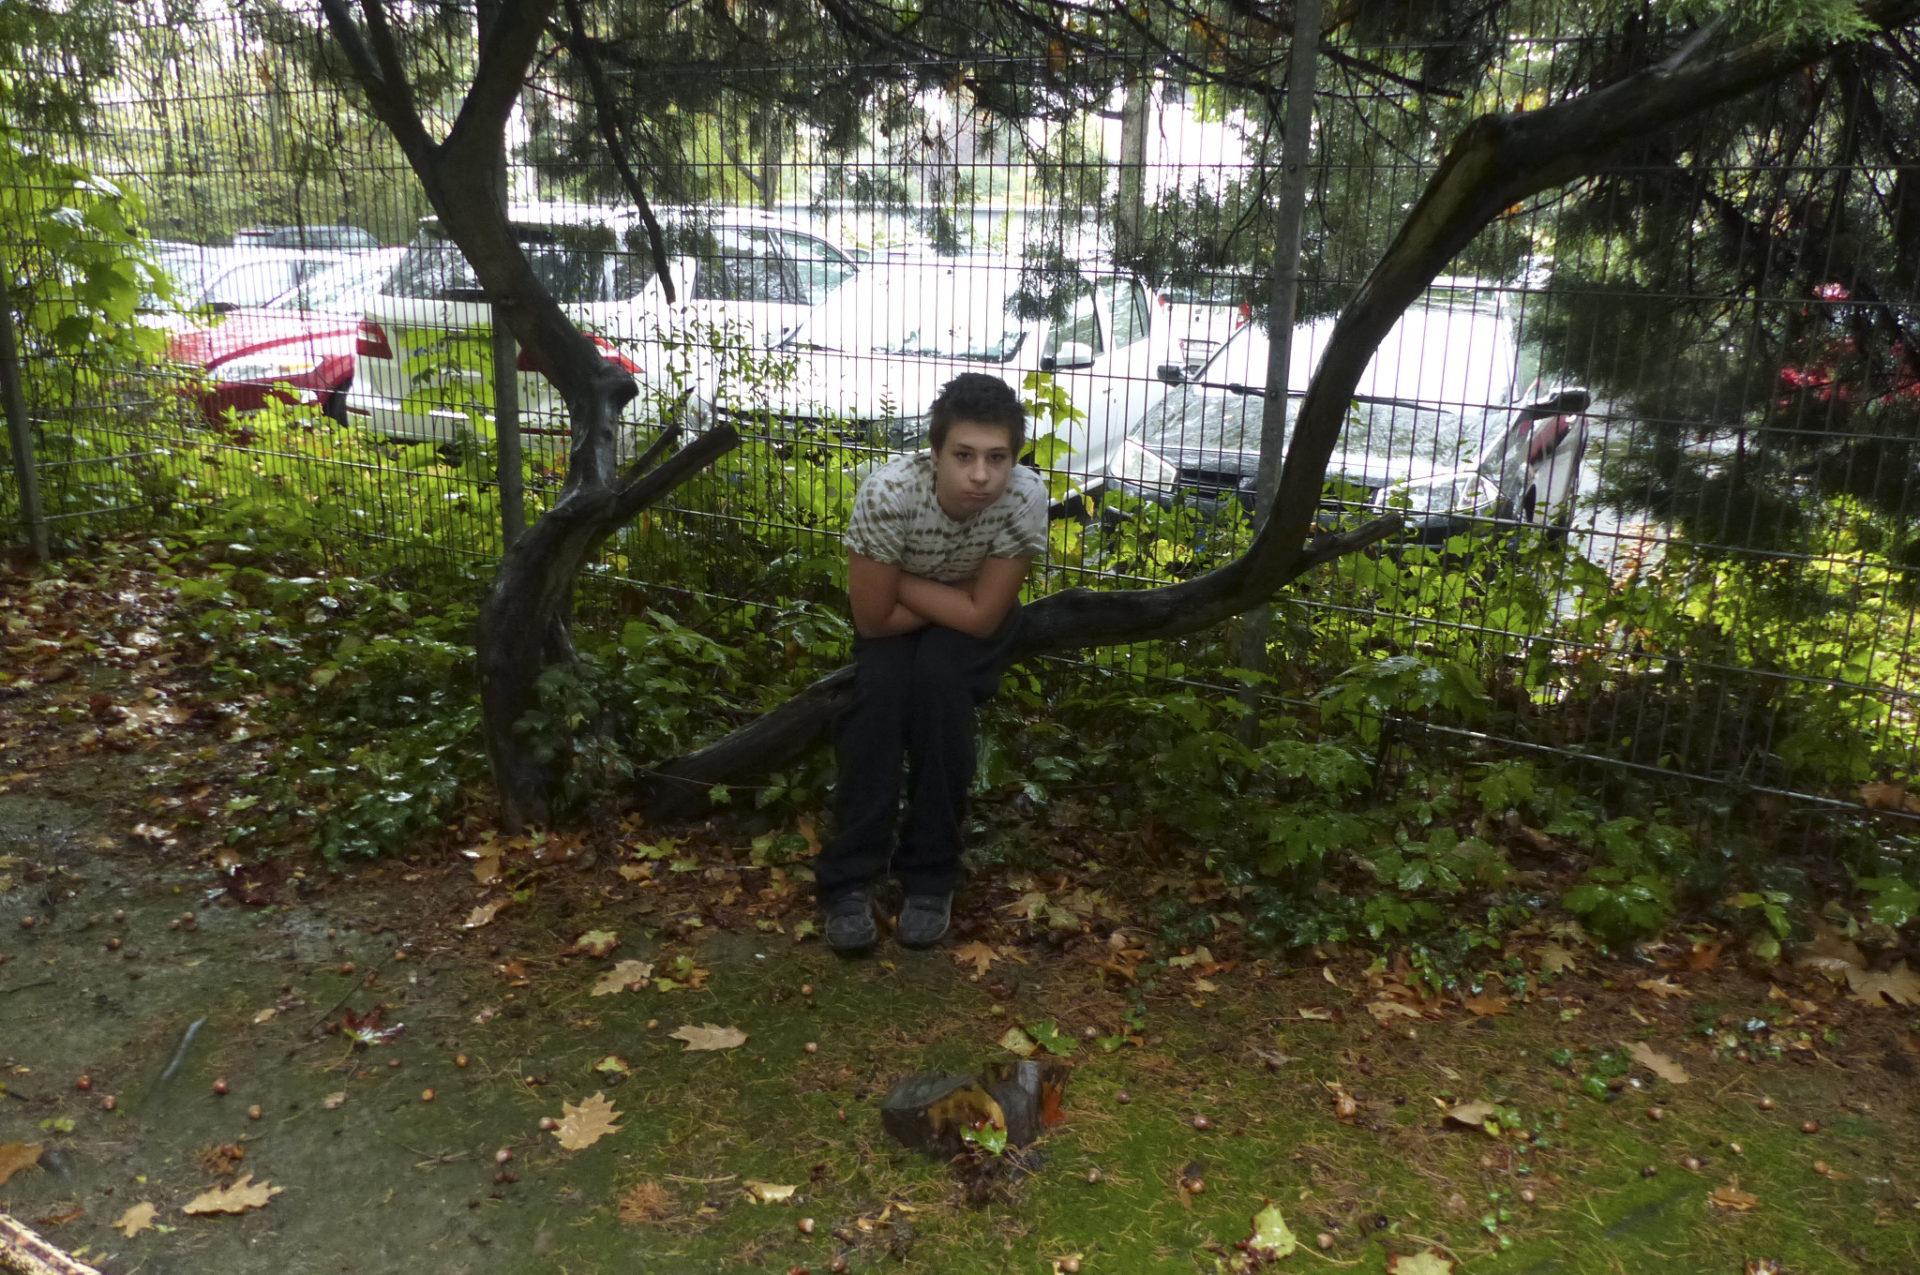 Ein Kind demonstriert auf einem Ast an einem Baum